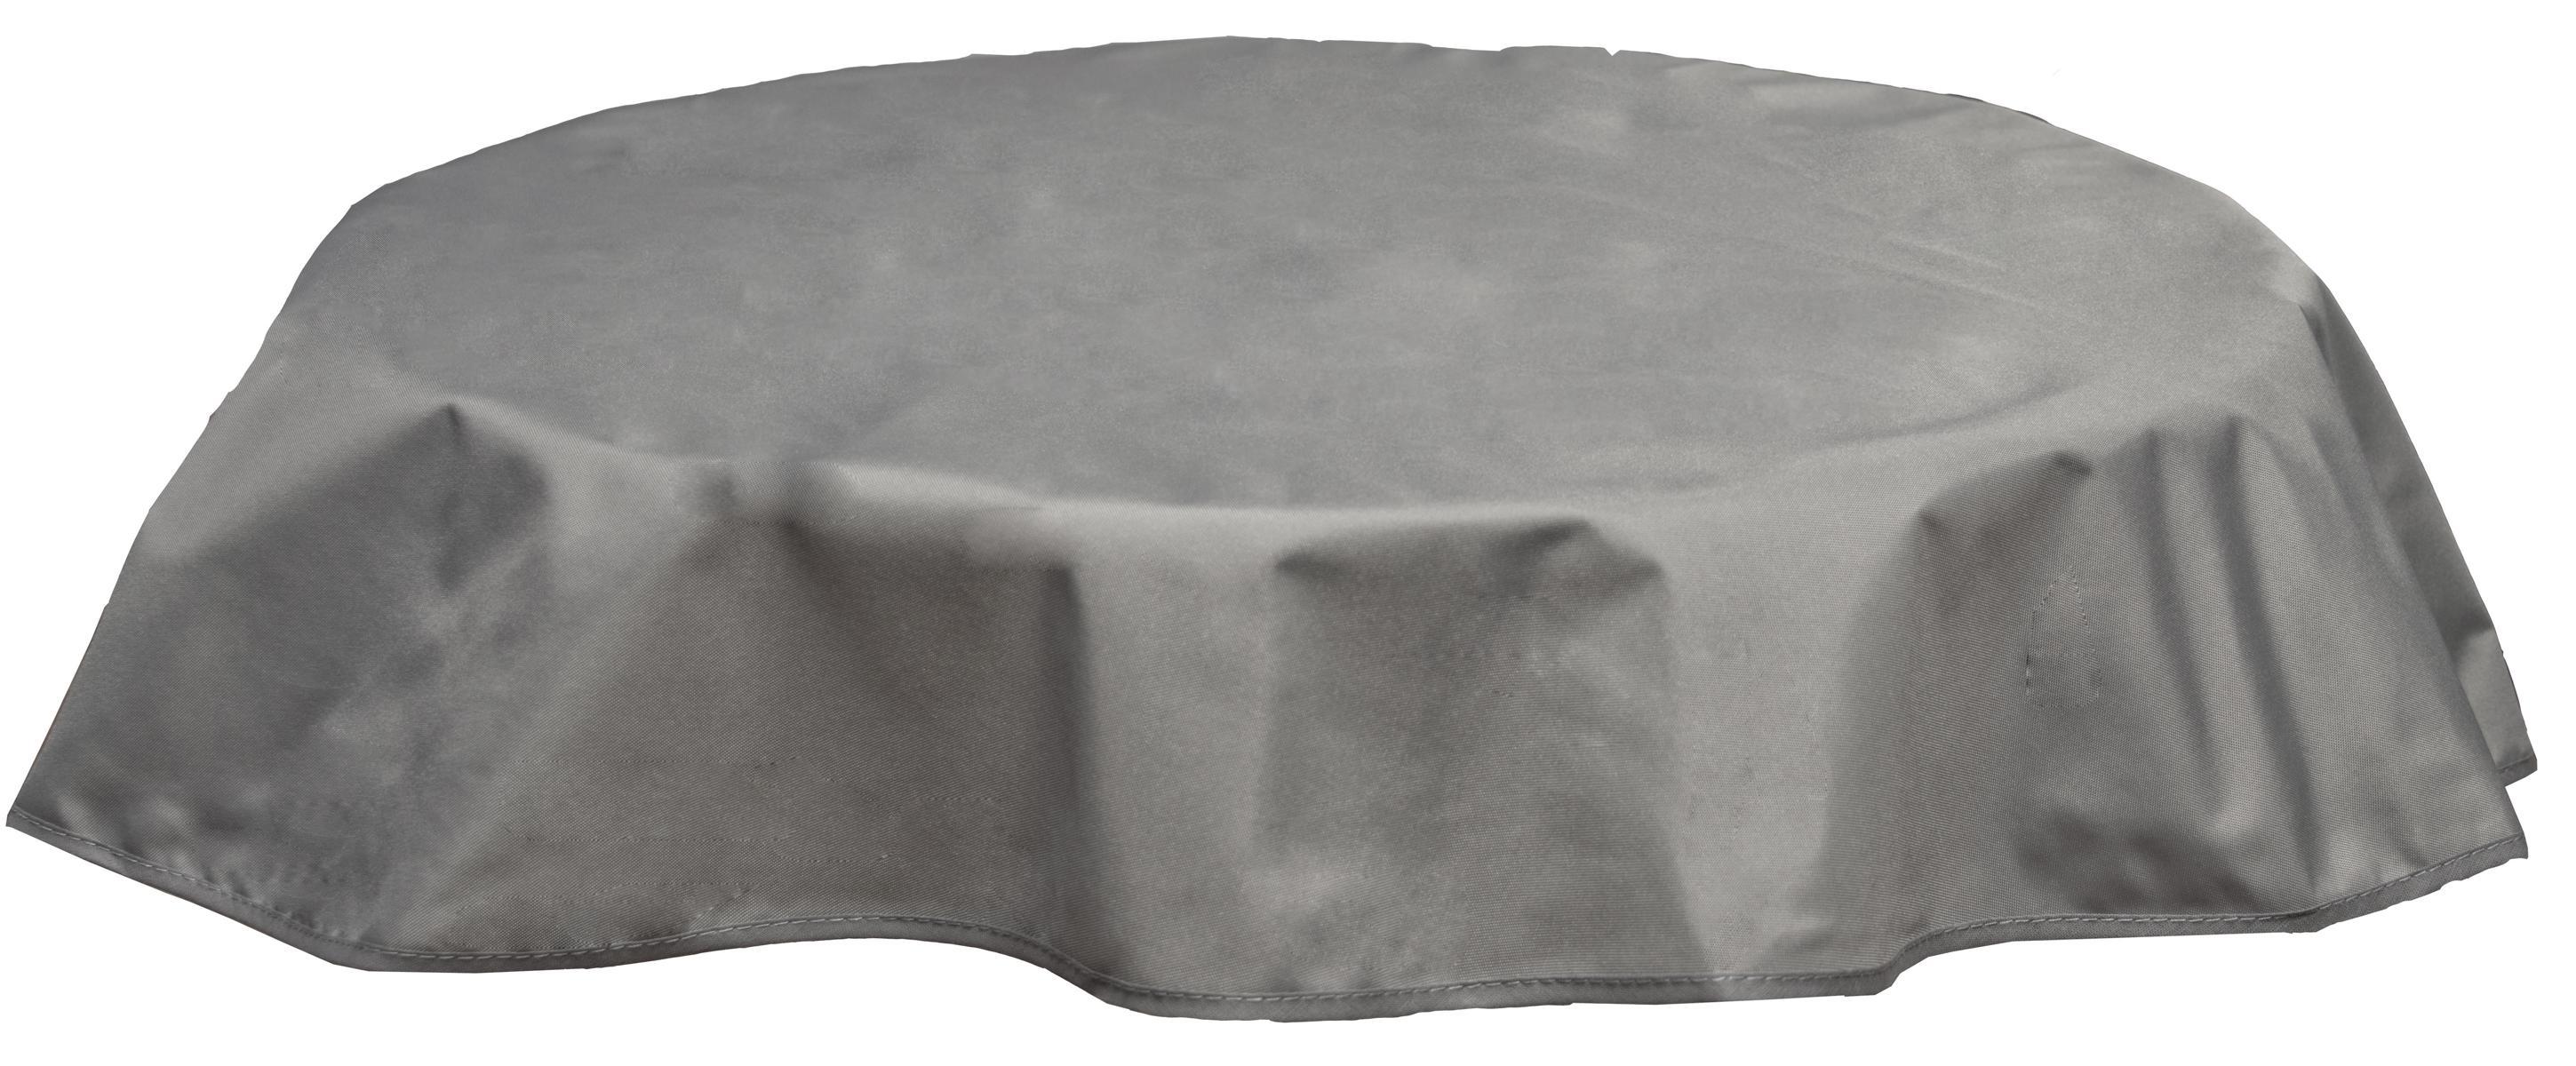 Runde Tischdecke 120cm wasserabweisend 100% Polyester in hellgrau